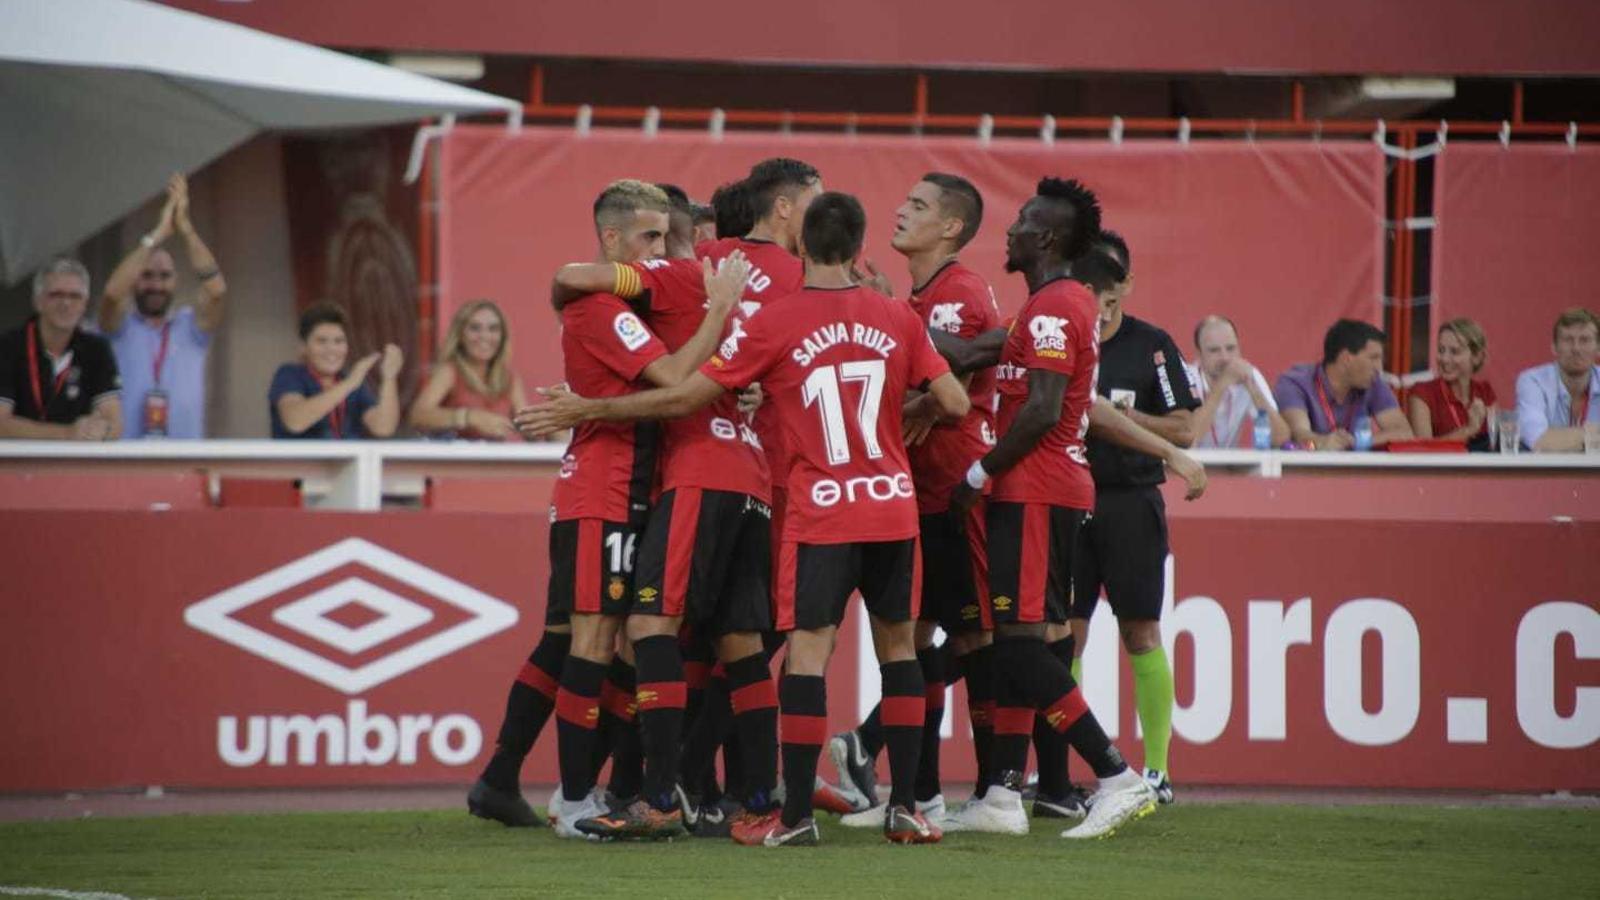 Els jugadors del Mallorca celebrant el gol de la victòria.